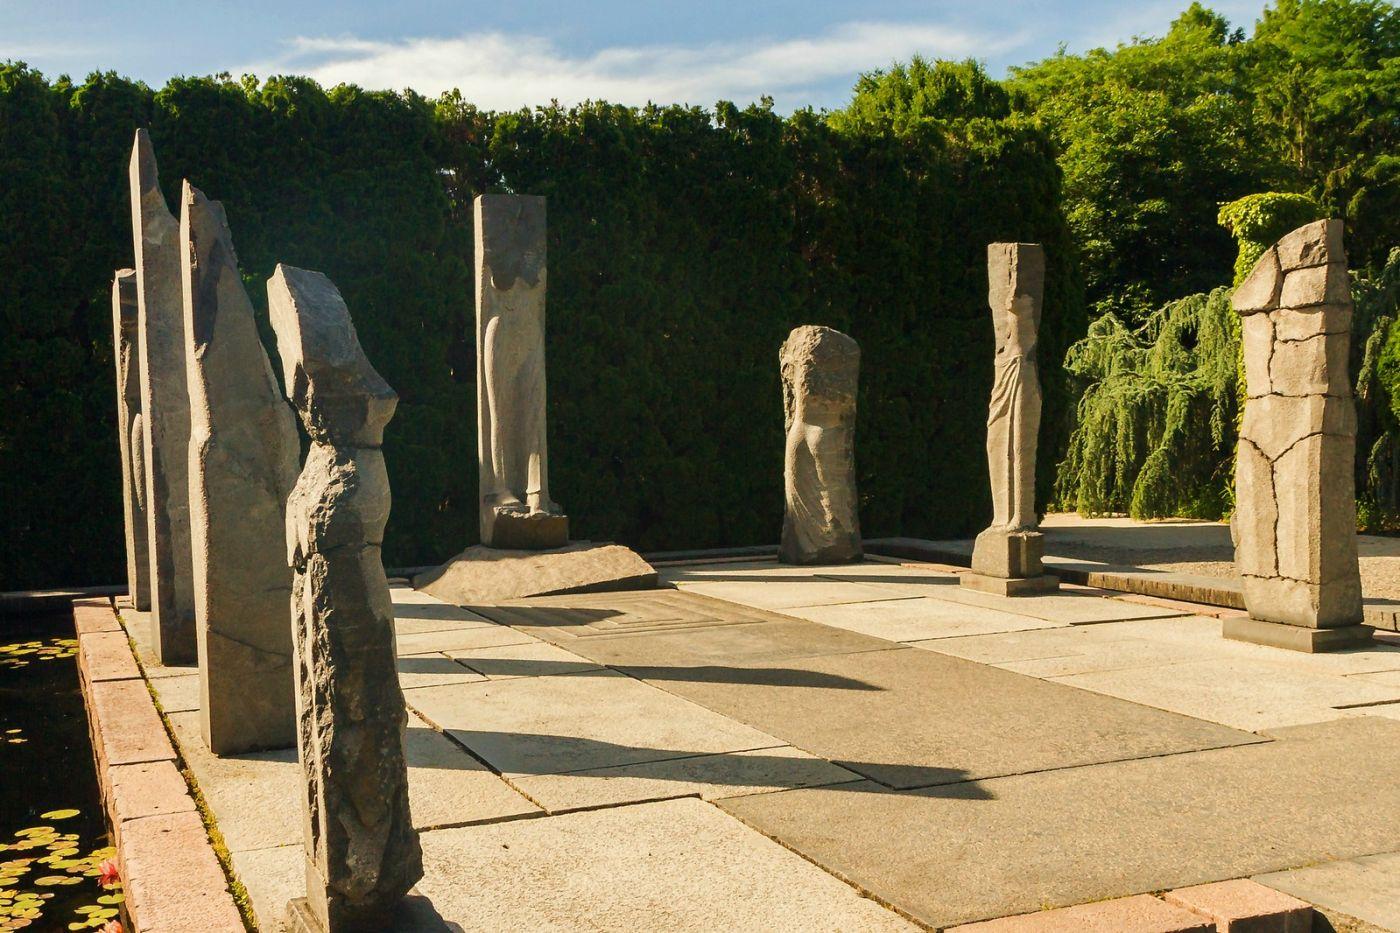 新泽西州雕塑公园(Grounds for scuplture),题材很广_图1-38